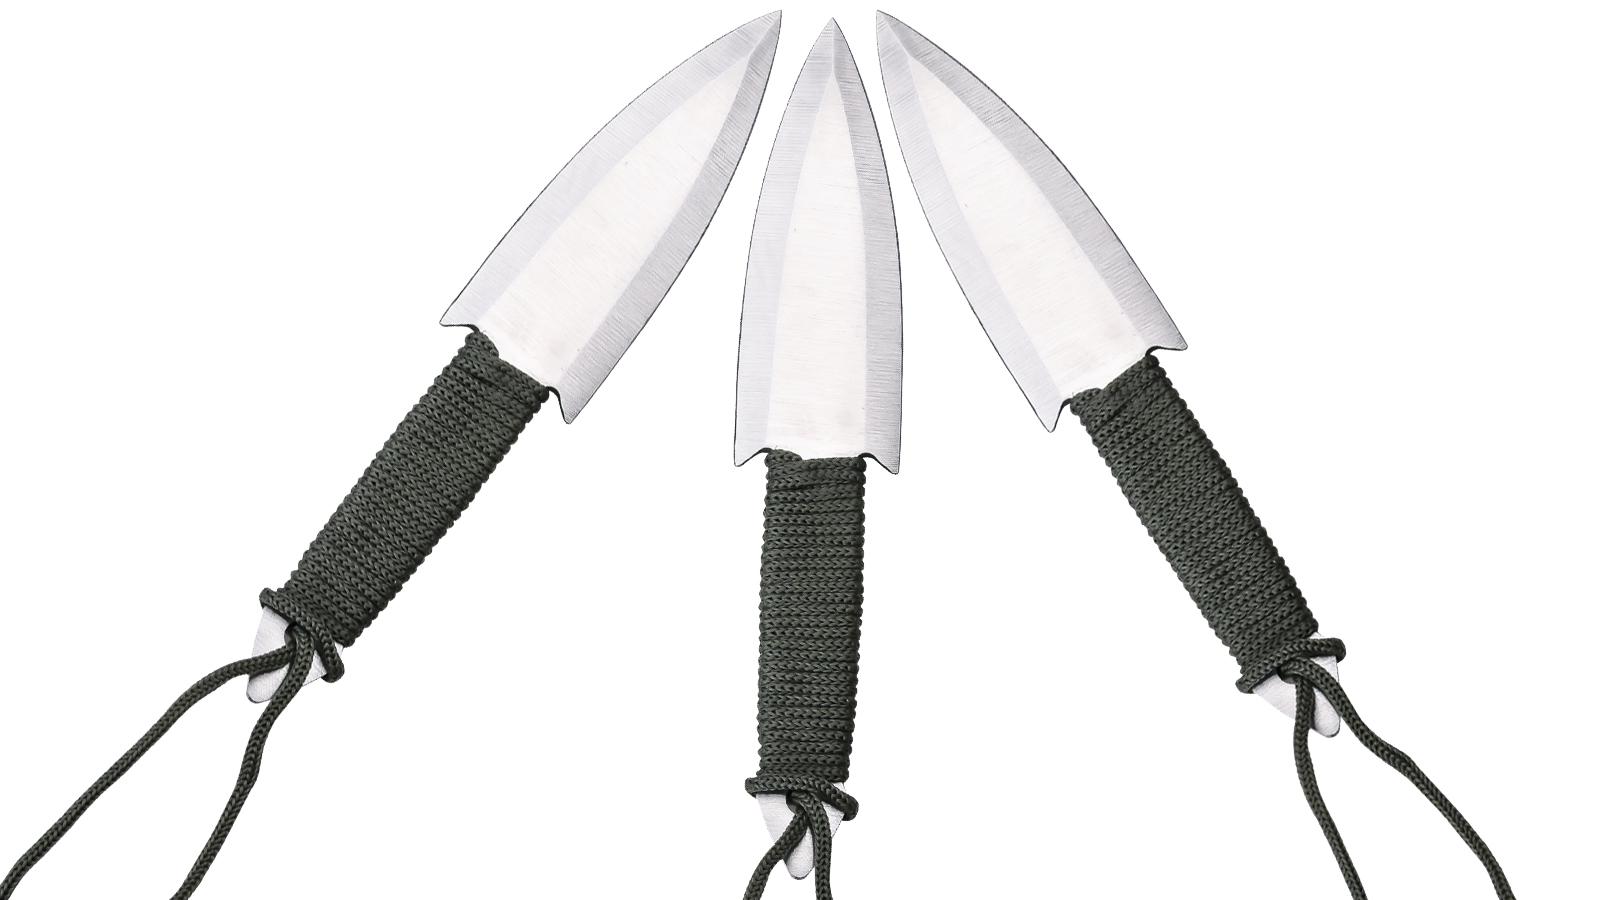 Заказать ножи для метания Мастер-К Khaki